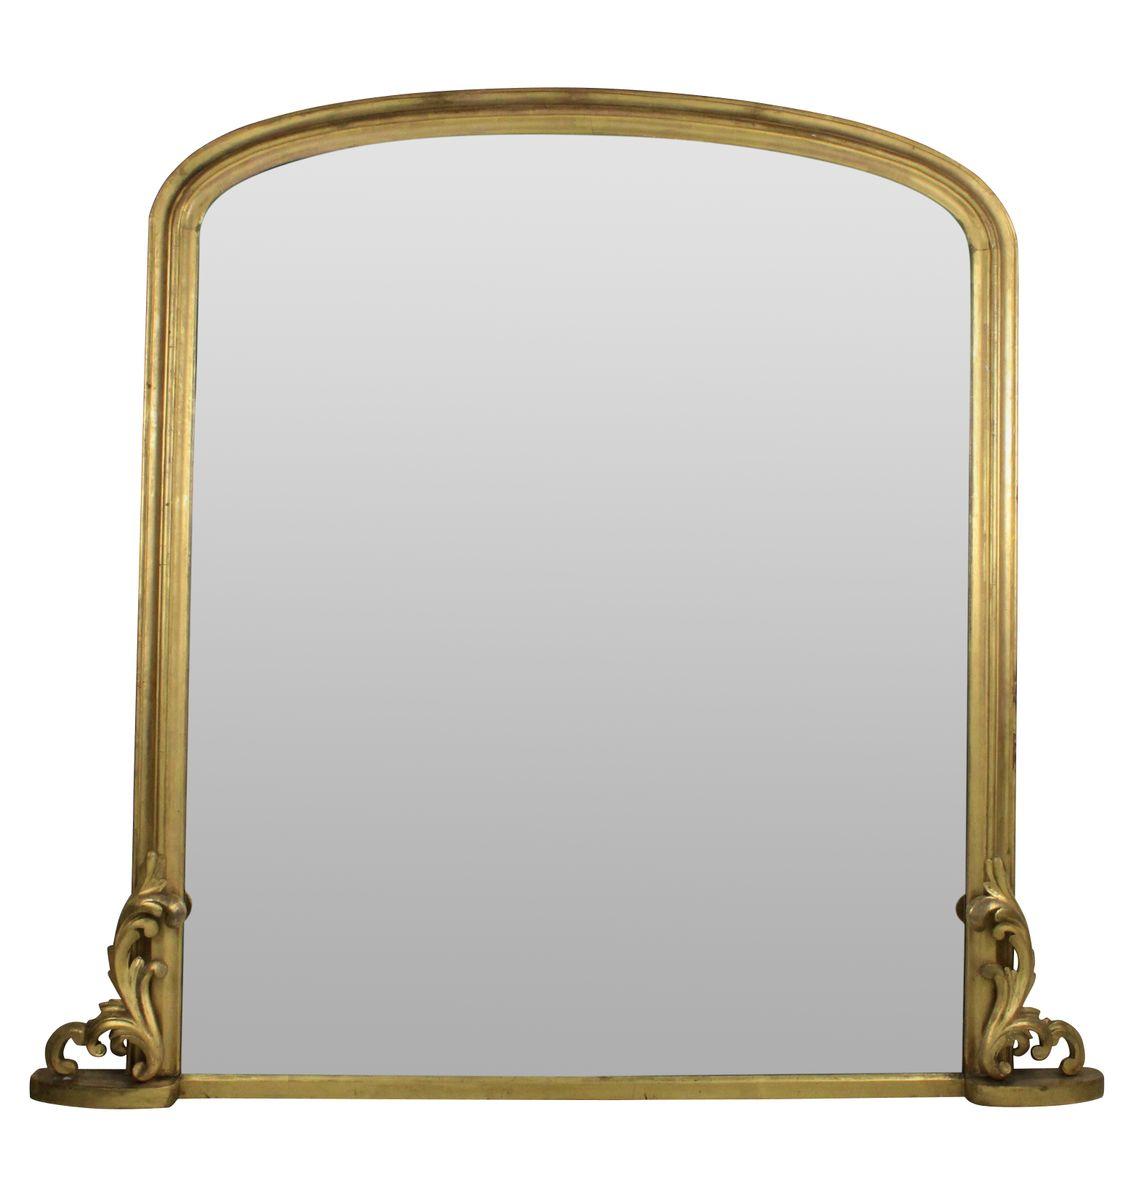 Grand miroir avec cadre dor l 39 eau en vente sur pamono for Grand miroir solde